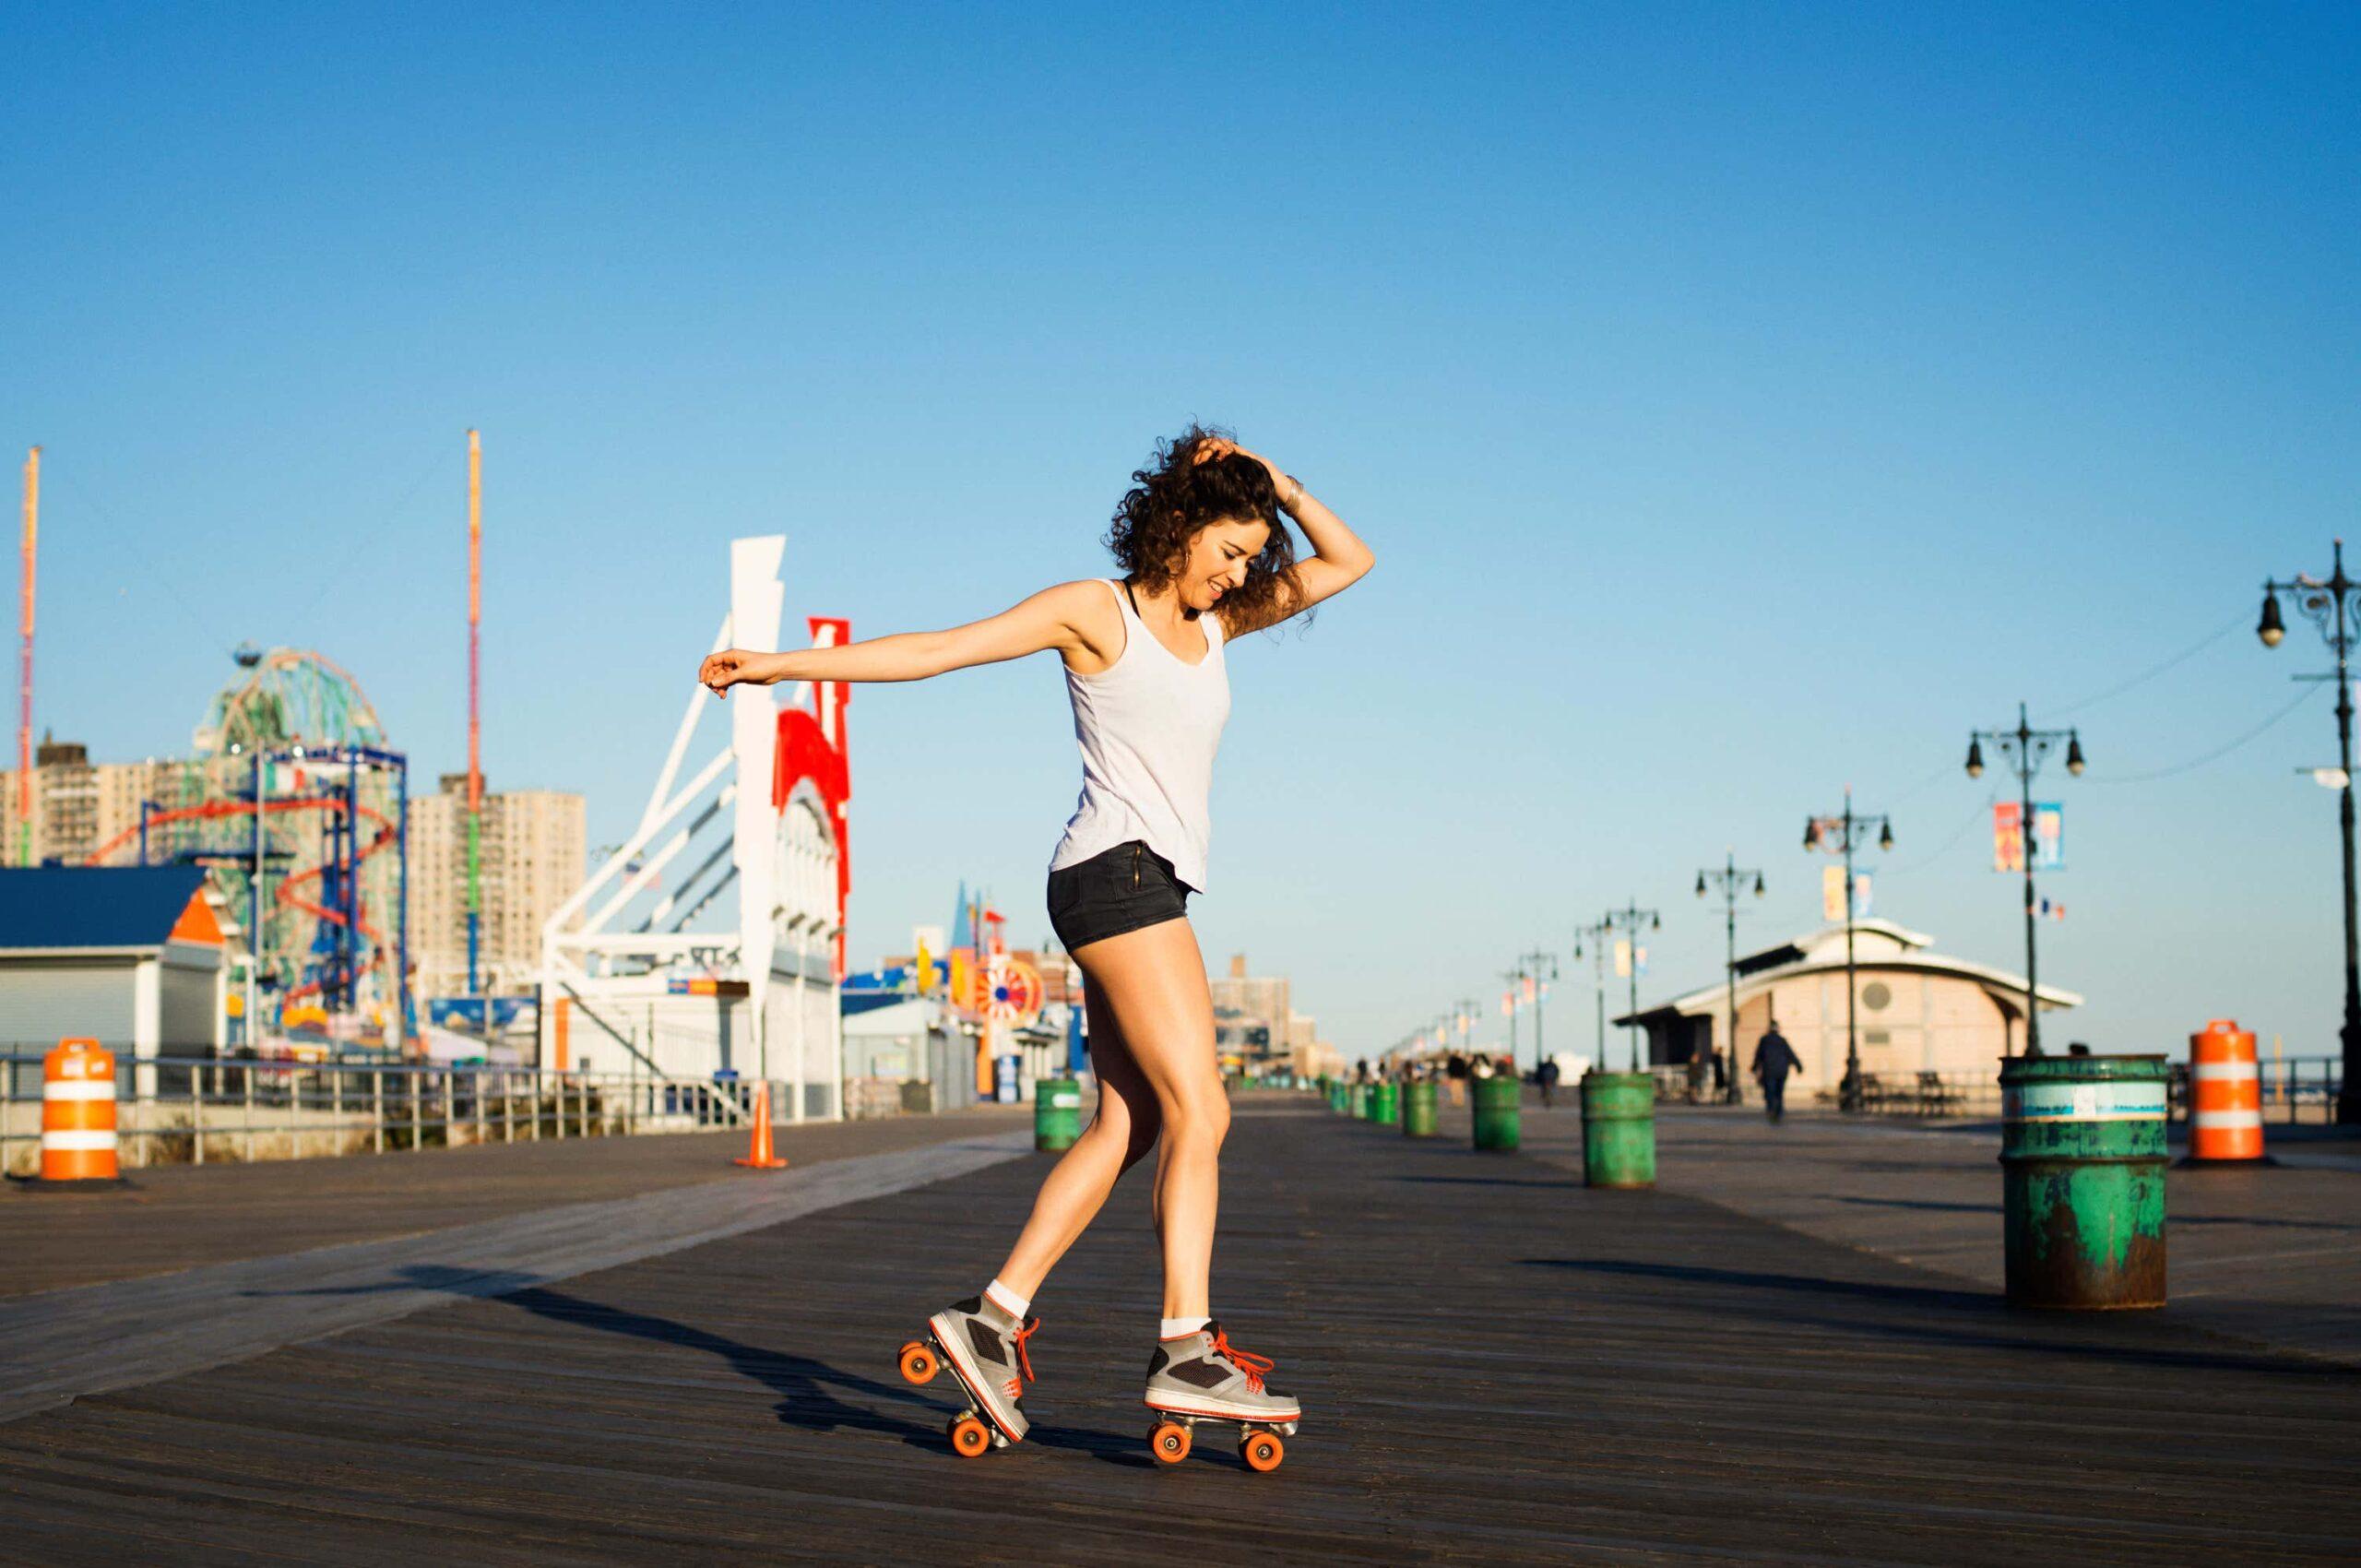 Roller Skating health benefits